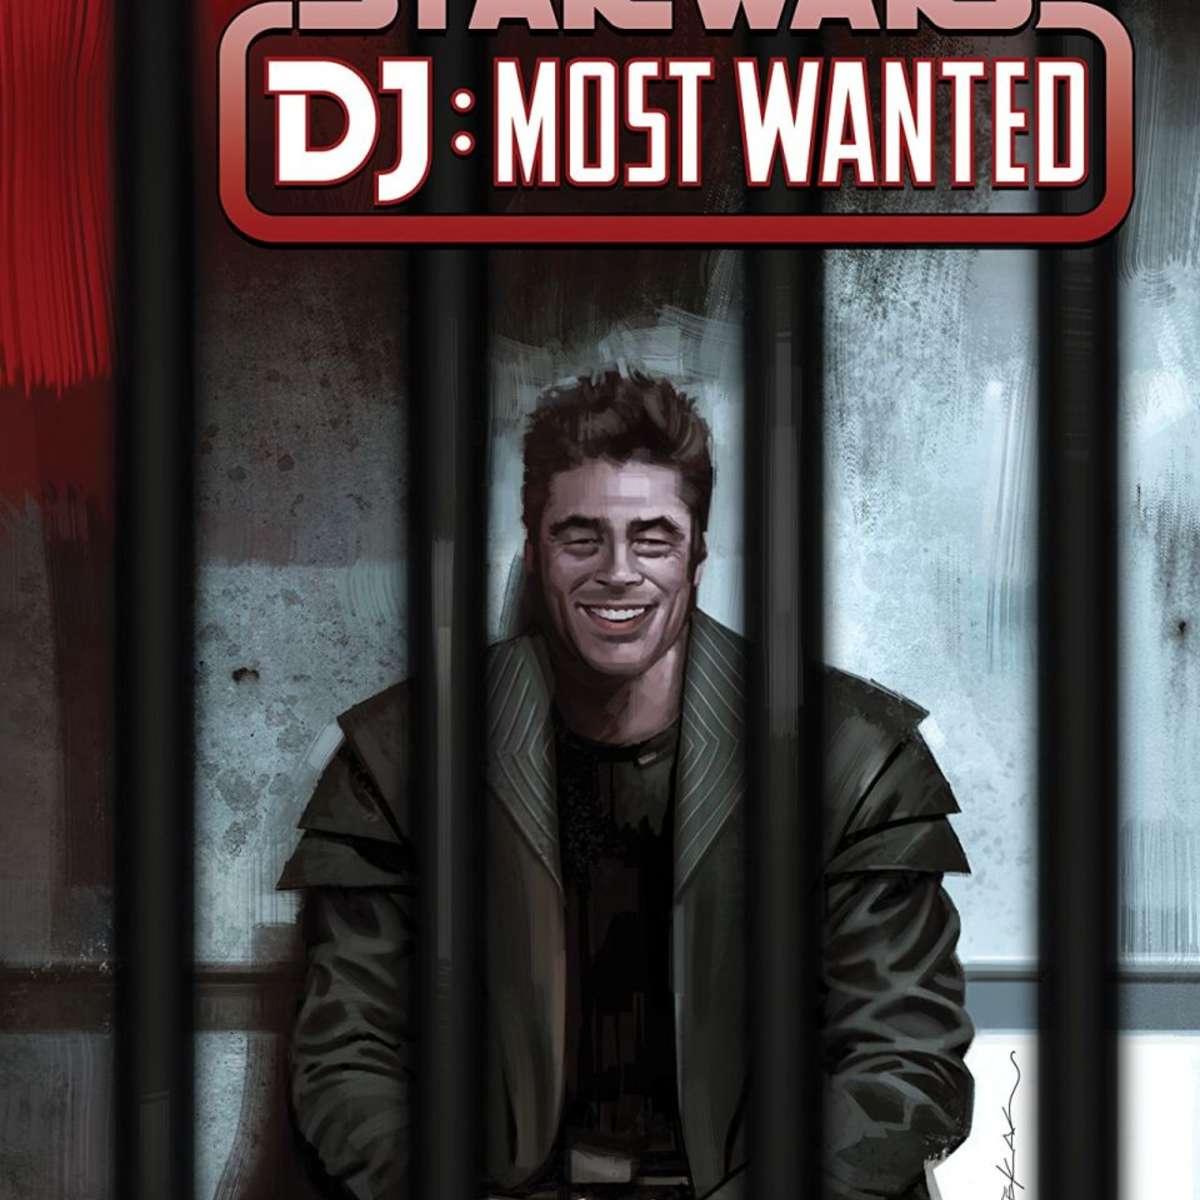 starwars-DJ-comic-cover.jpg